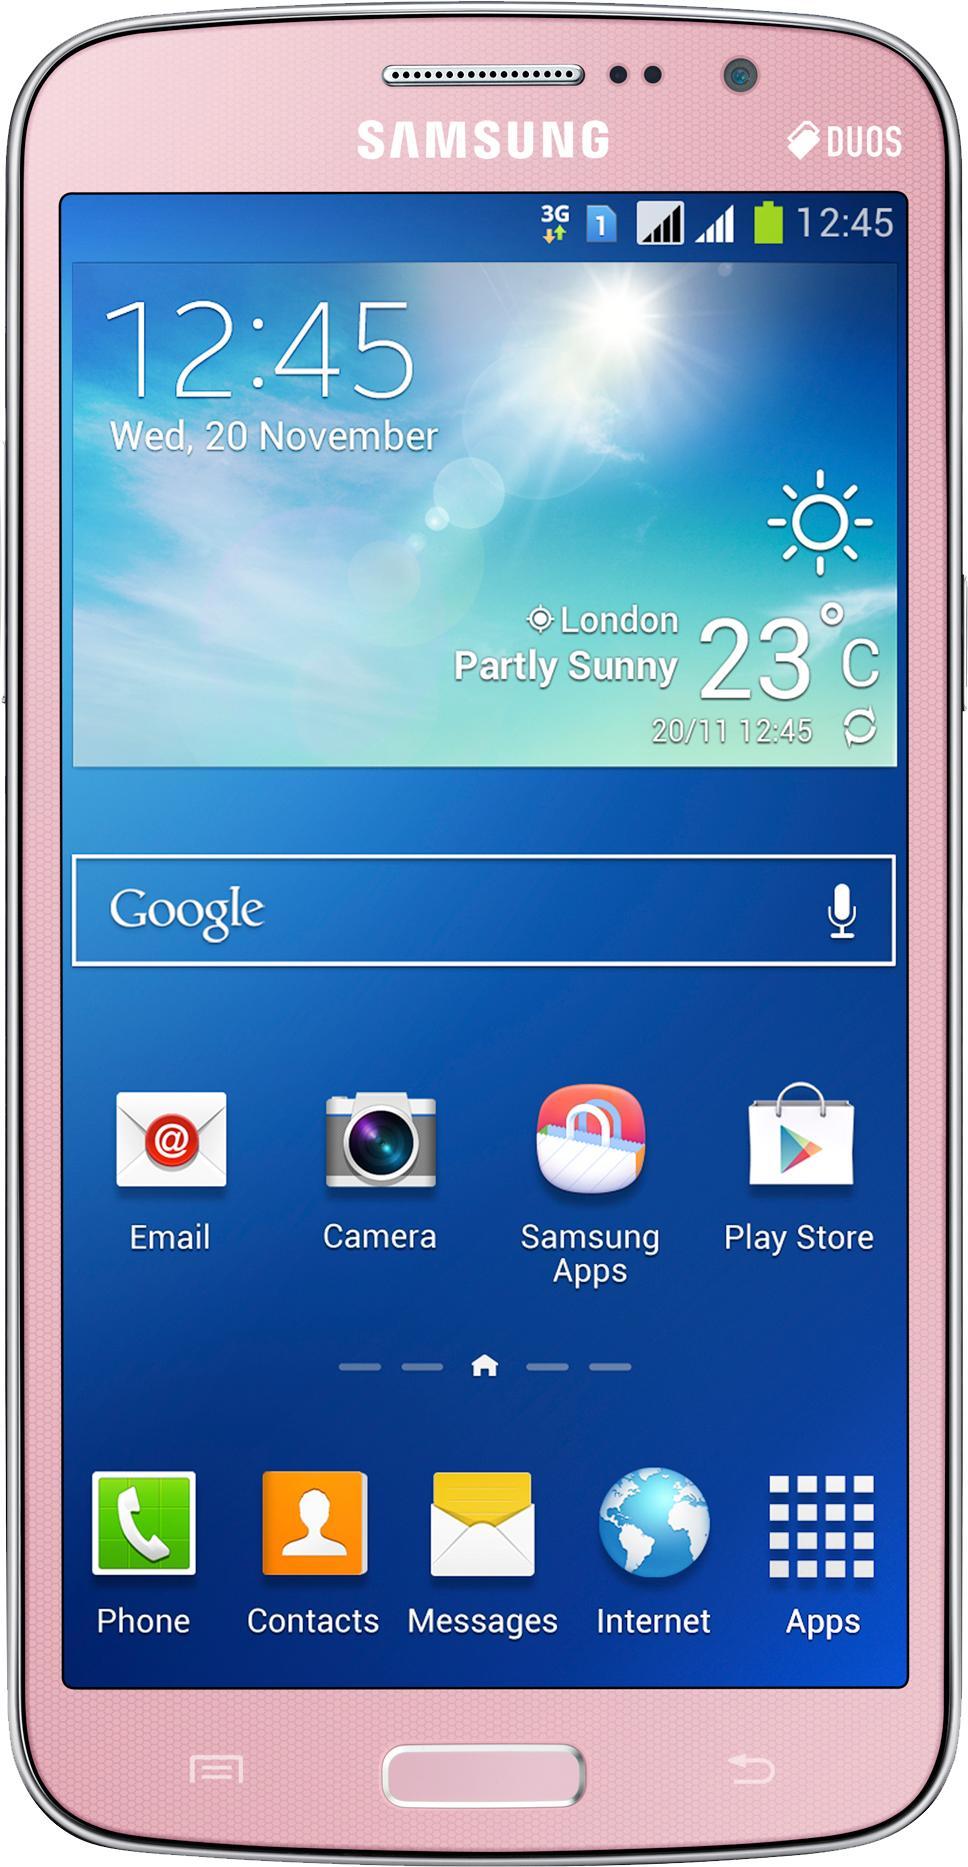 Samsung Galaxy Grand 2 Dual SM-G7102 8 GbСоотношение цена-качество у этой модели практически идеально. Цена Samsung Galaxy Grand 2 выглядит удивительно низкой на фоне огромных возможностей аппарата. Заплатив вполне скромную сумму, вы получаете обширный и мощный «фаблет» с поддержкой двух SIM и 8...<br>